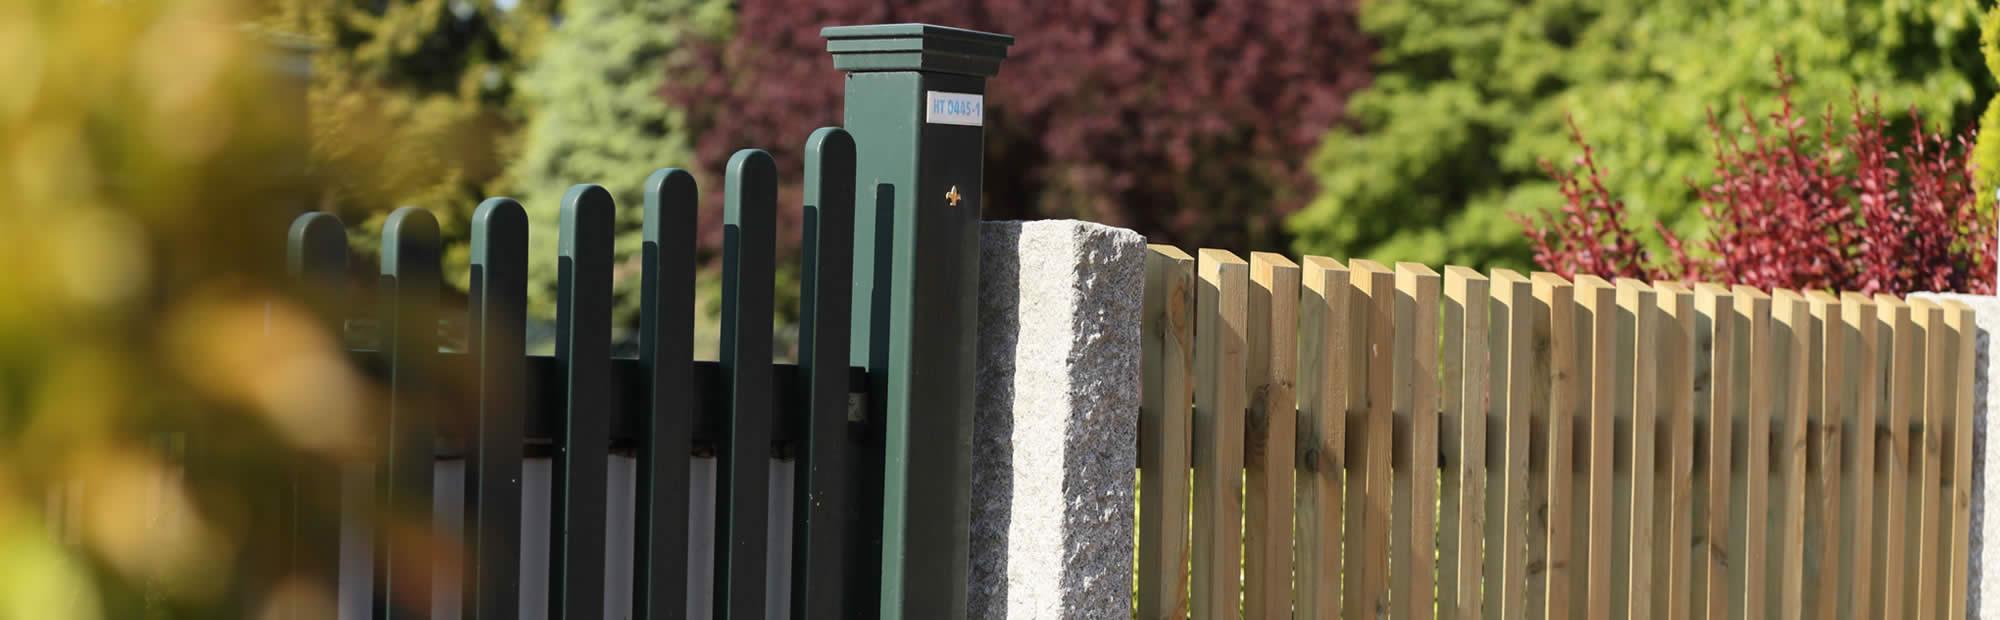 Zaun Sichtschutz Holzzaun Kunststoffzaun Hasselbring